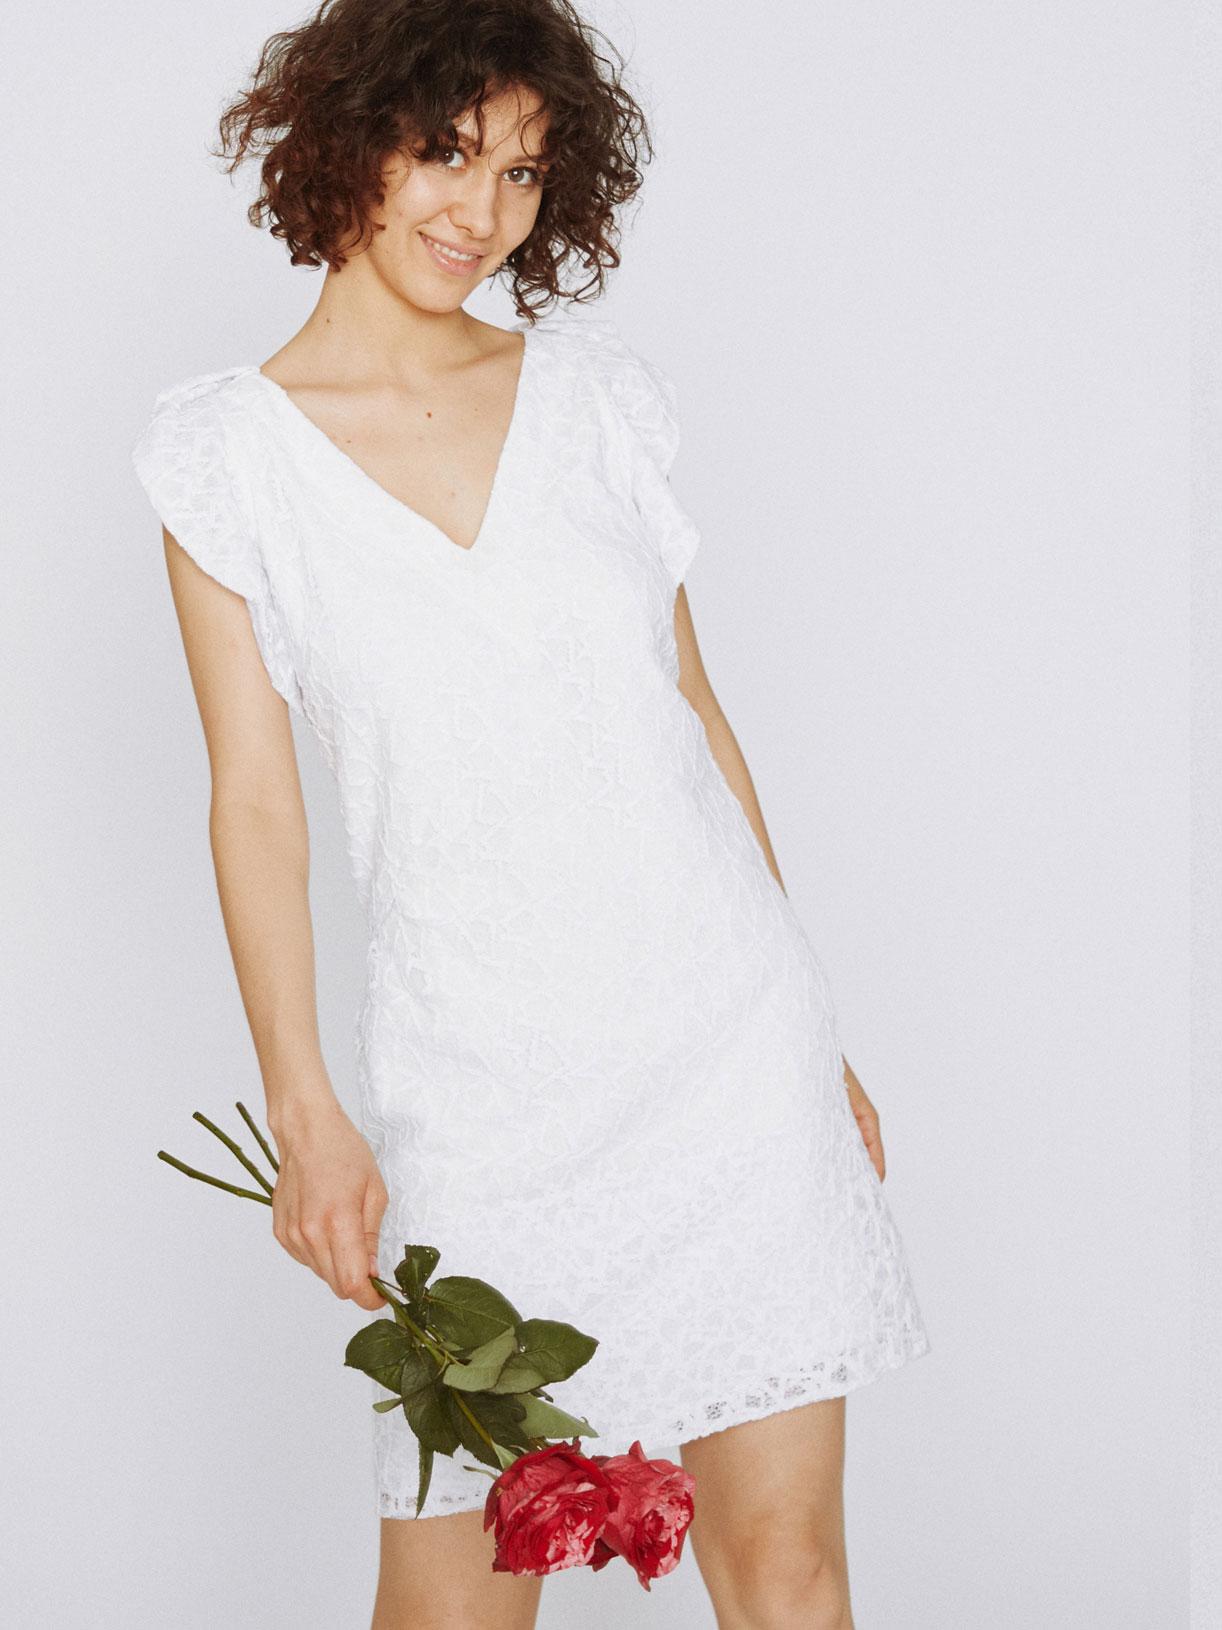 Robe de mariee civil en dentelle écoresponsable - Creatrice de robe de mariée éthique et bio a Paris - Myphilosophy